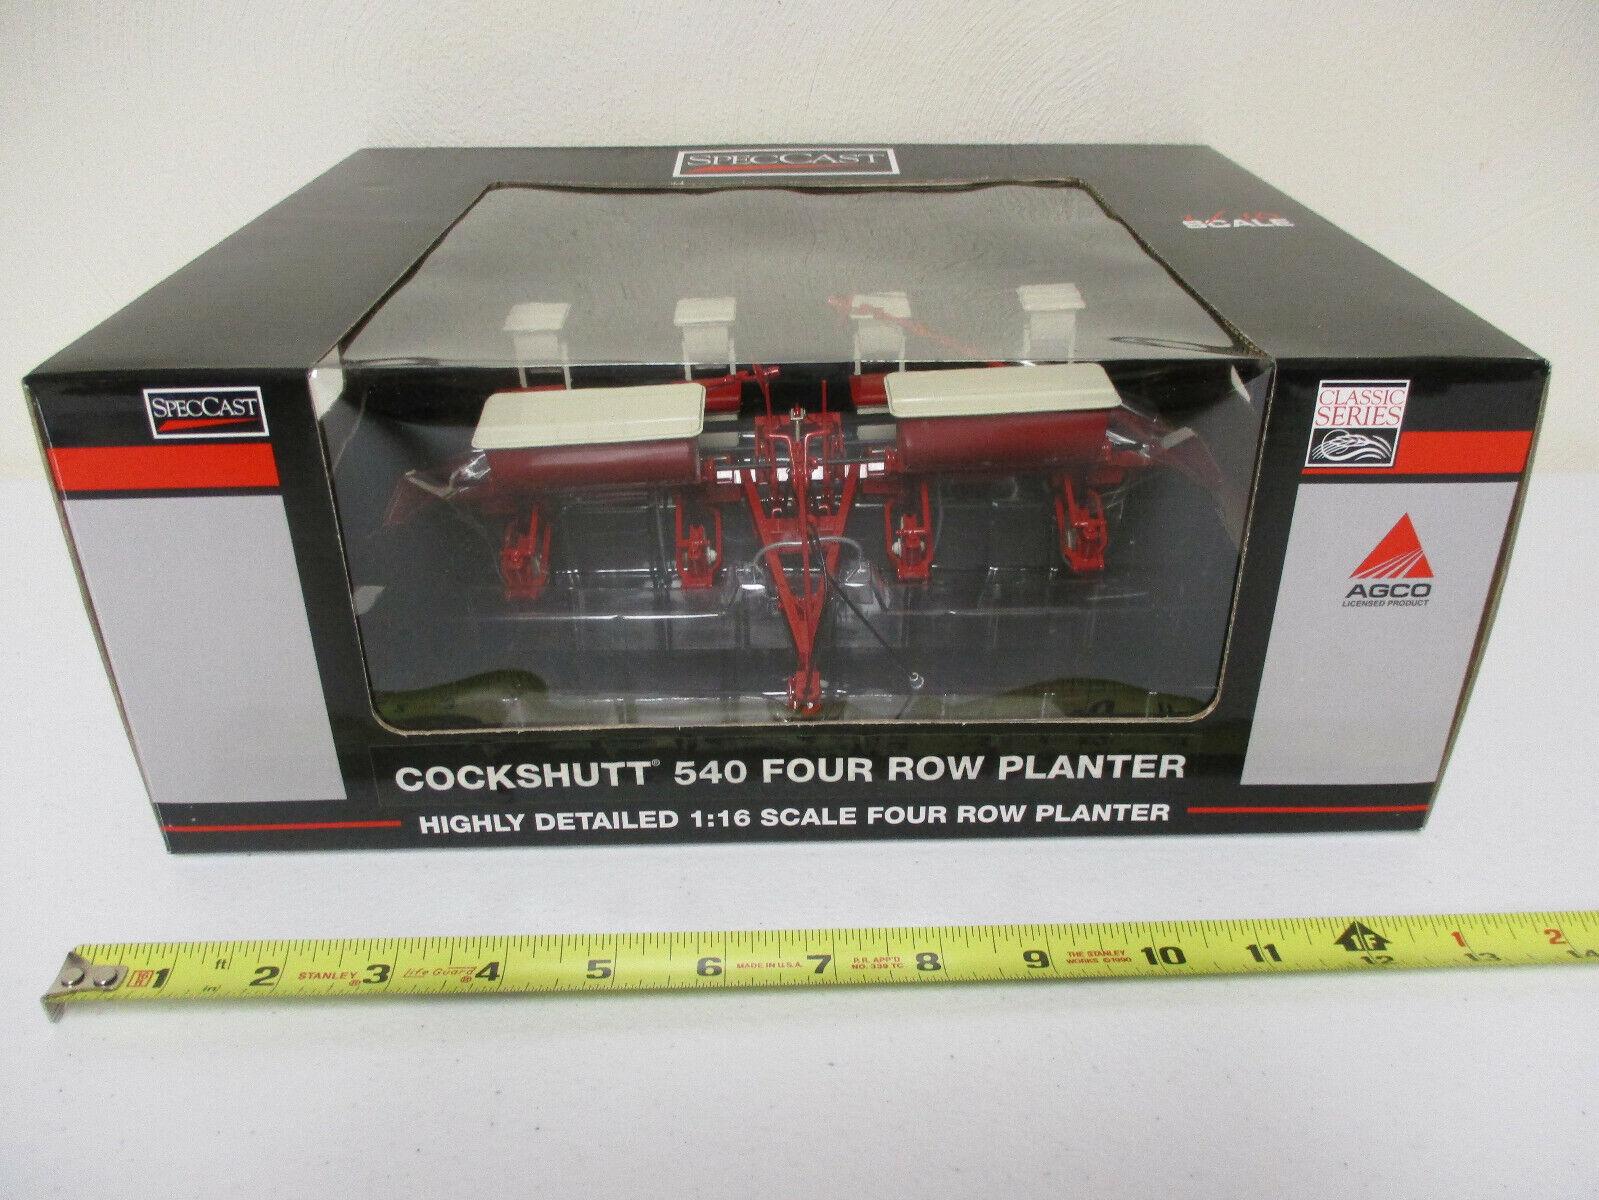 entrega de rayos Cockshutt 540 cuatro filas Plantador por Speccast escala 1 1 1 16th   soporte minorista mayorista